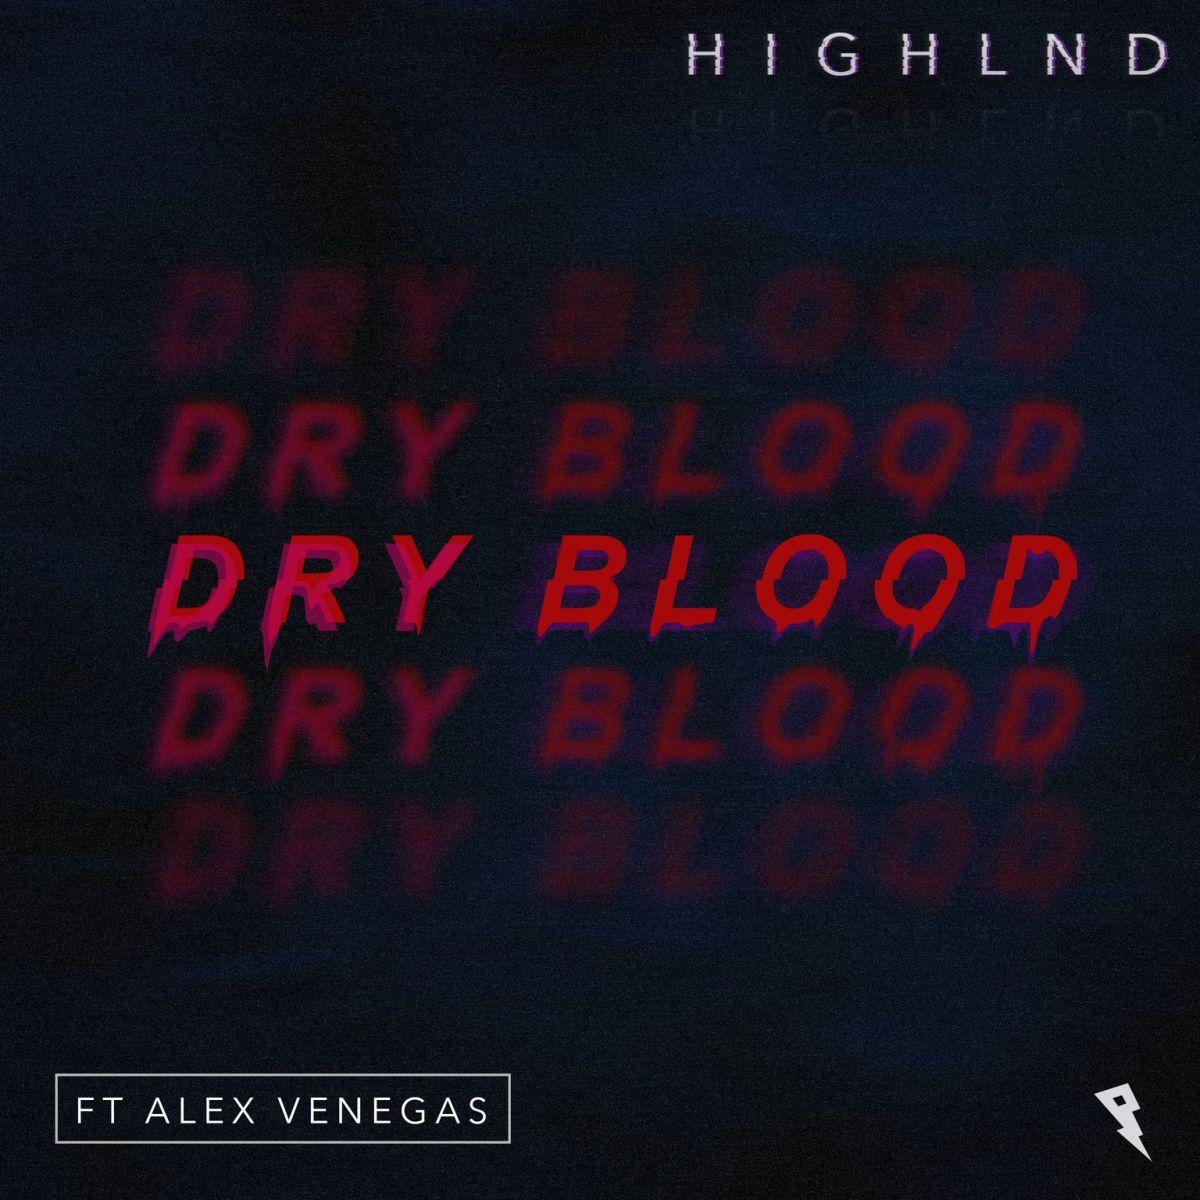 Highlnd Dry Blood Album Art